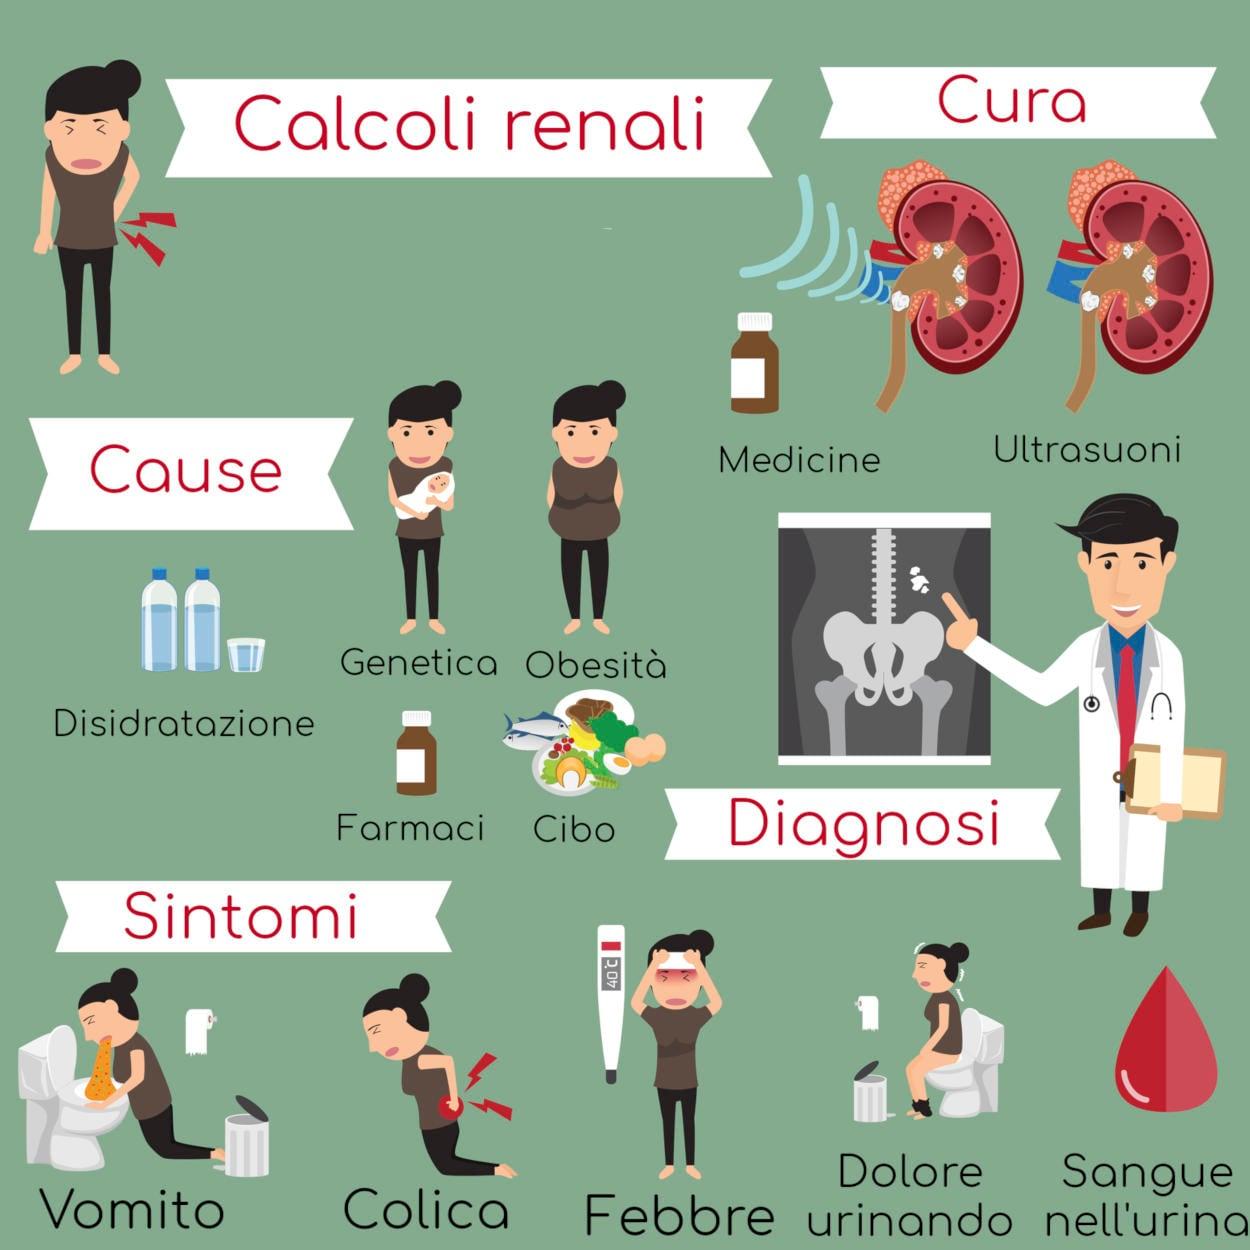 Infografica riassuntiva con cause, sintomi e terapia dei calcoli renali